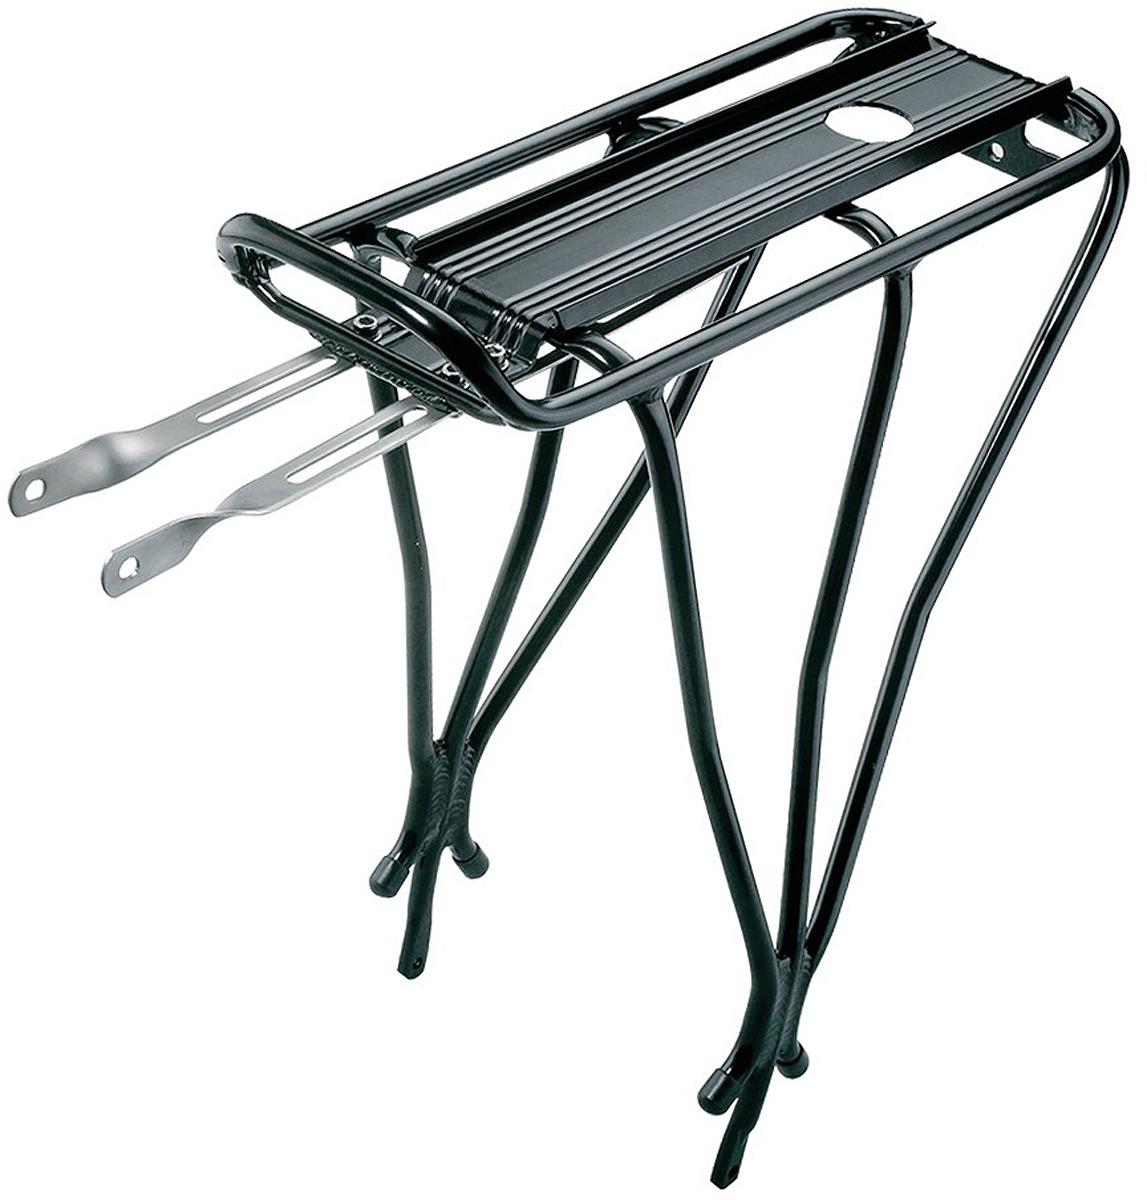 Багажник задний Topeak BabySeat Rack, для установки детского кресла, TCS2016, черный